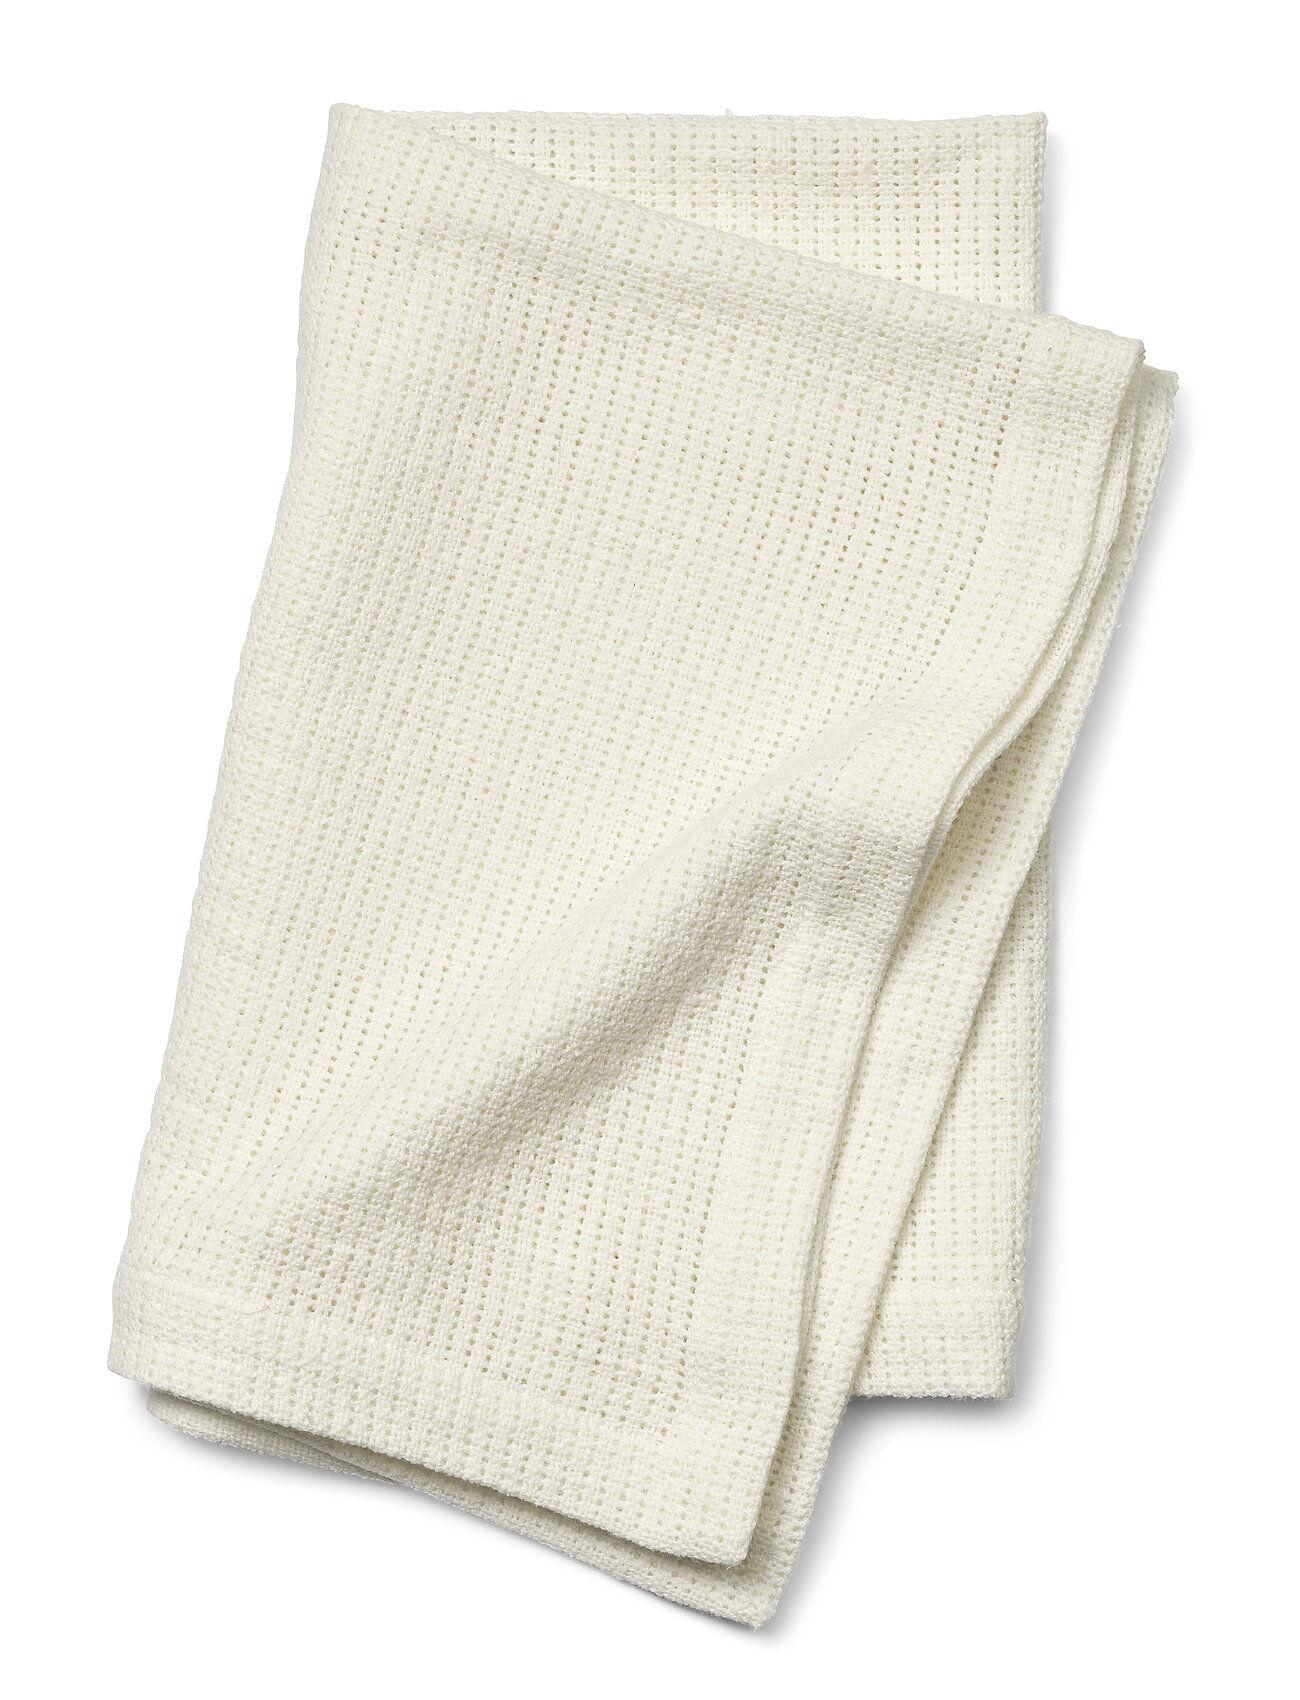 Elodie Details Cellular Blanket - Vanilla White Home Sleep Time Blankets & Quilts Valkoinen Elodie Details